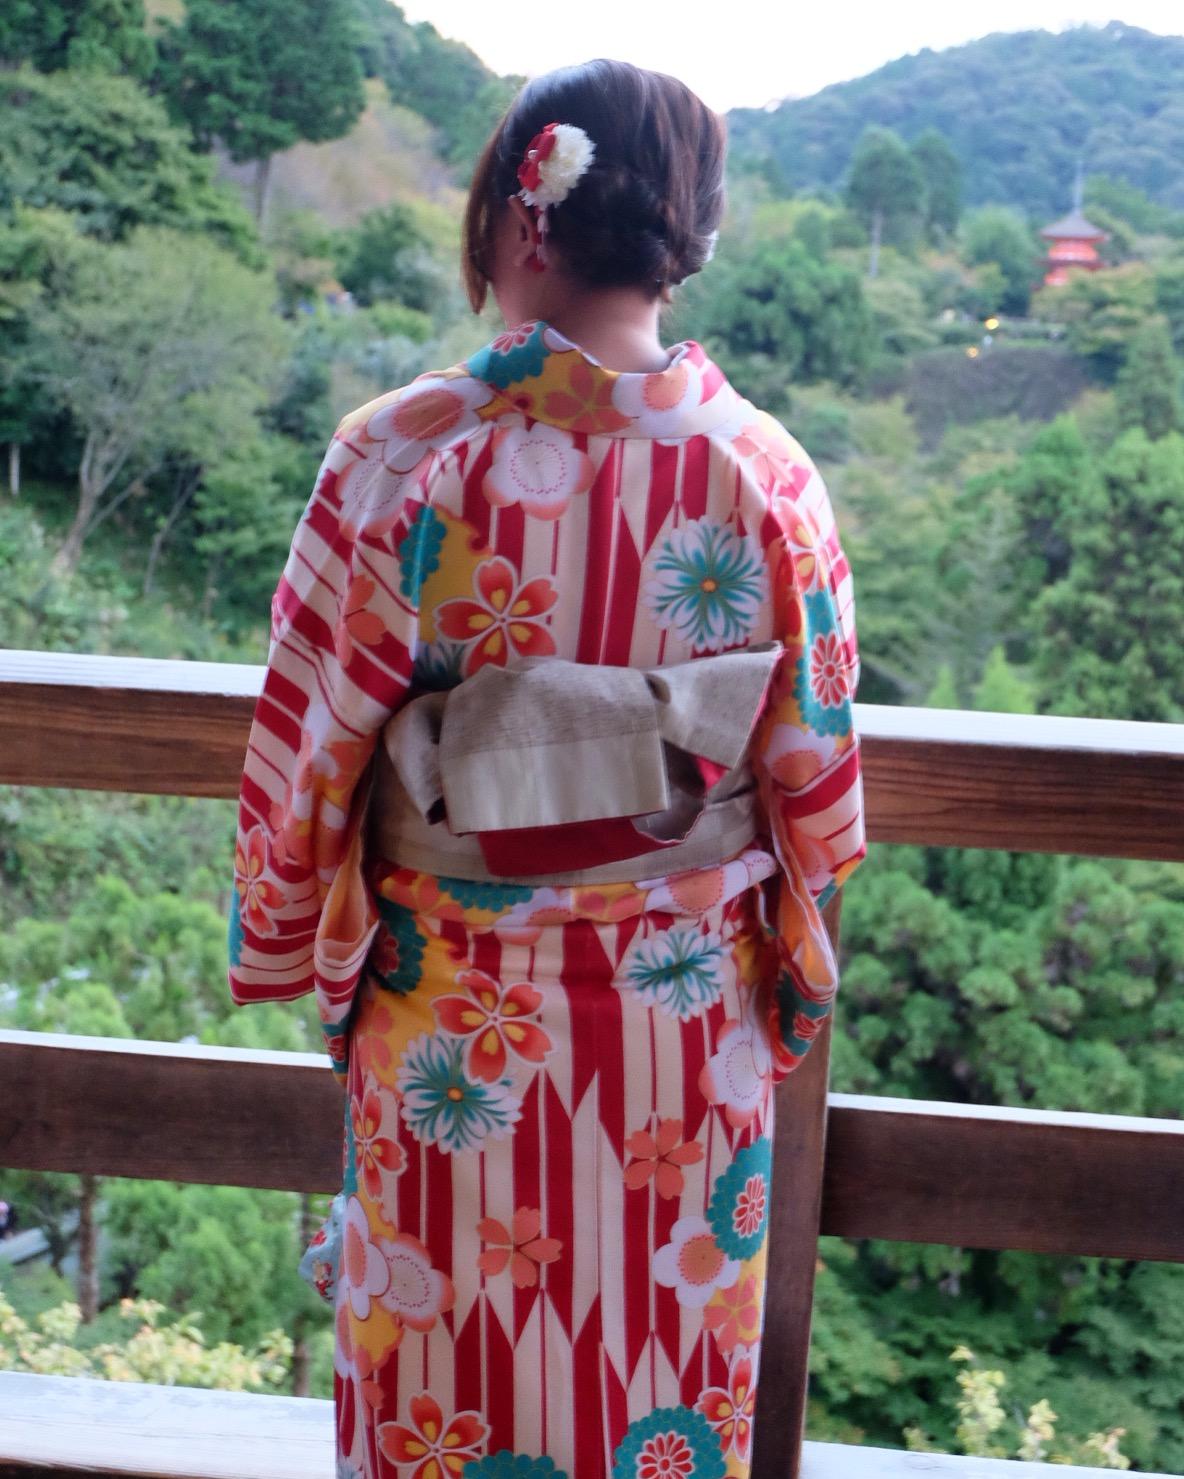 Women in colorful kimonos at  Kiyomizu-Dera